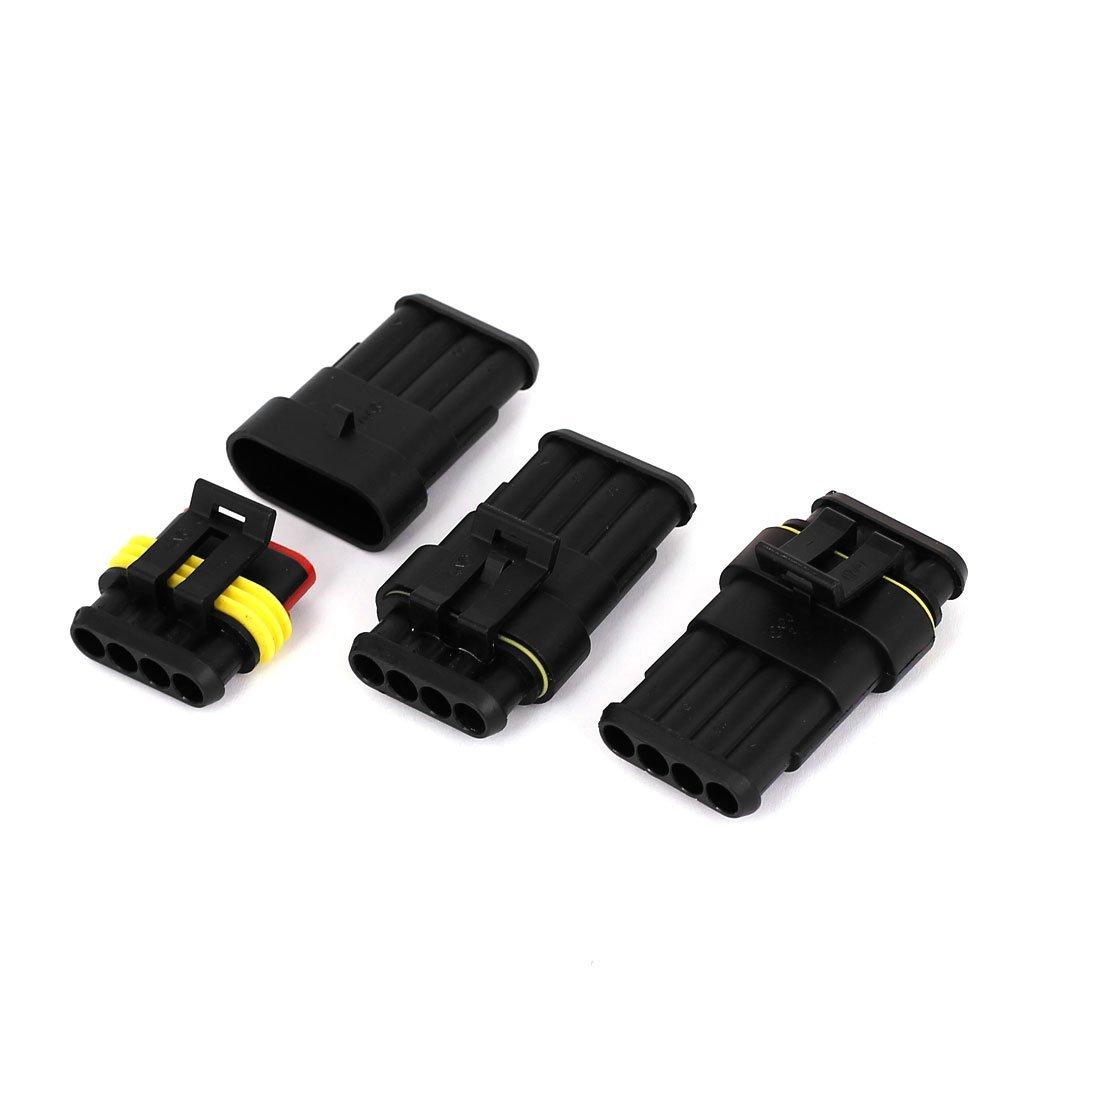 Amazon.com: HID 4P Sealed Adaptador de conector Waterproof 3 Set: Car Electronics